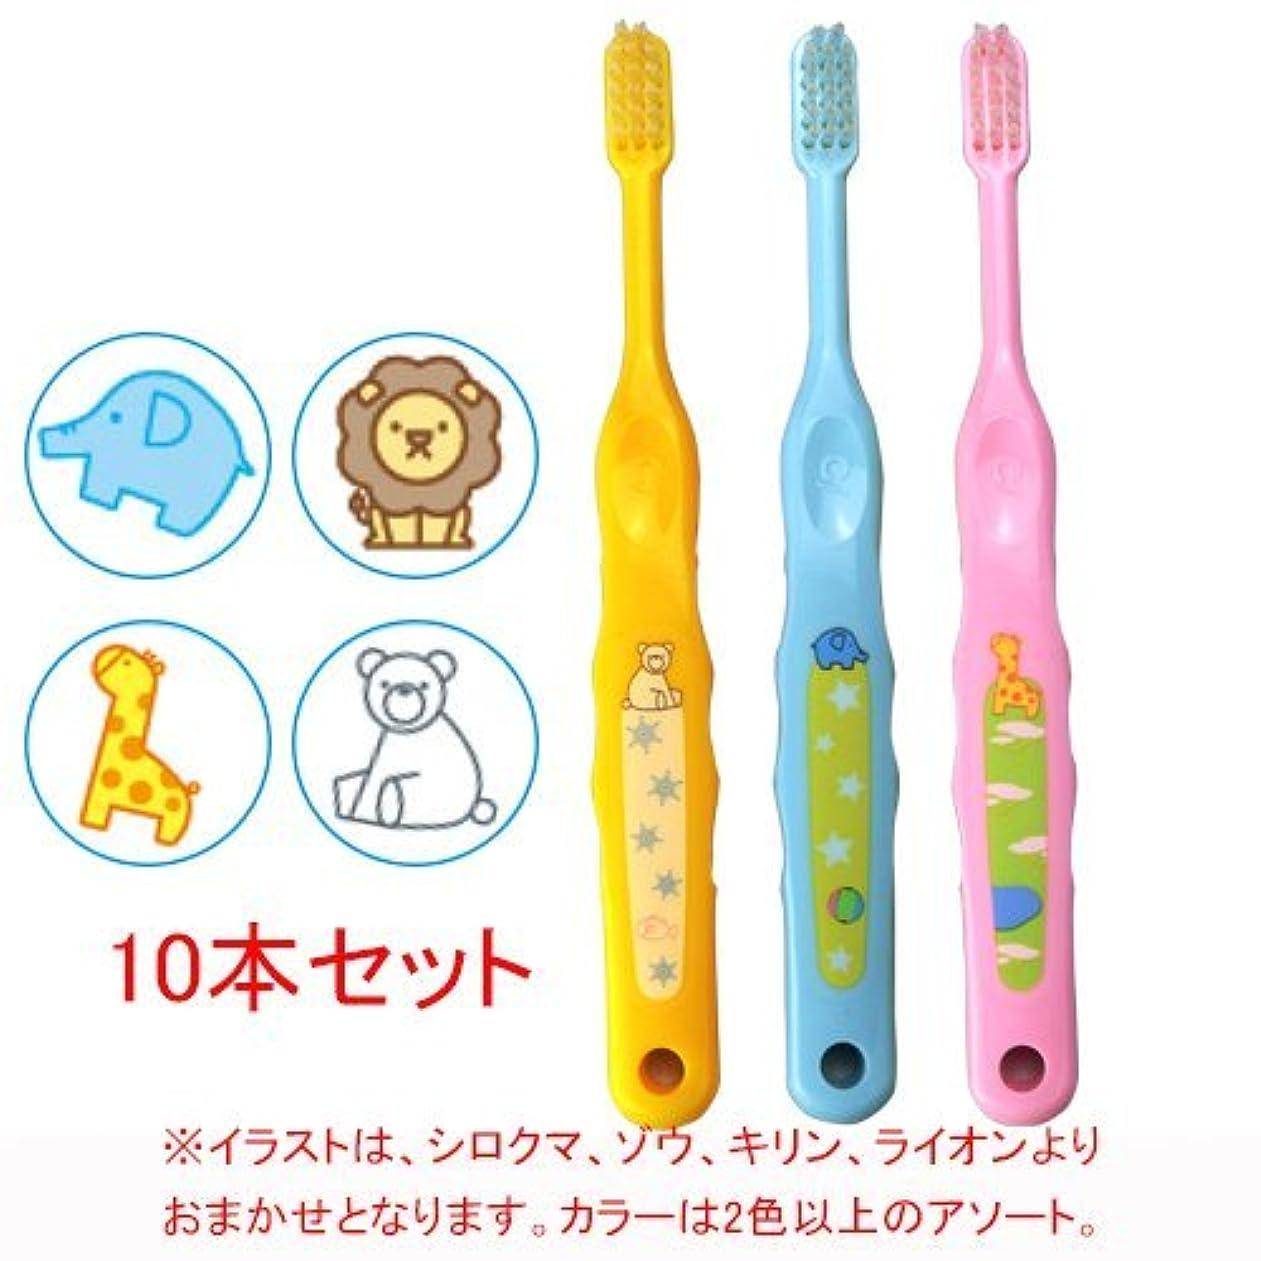 踏みつけ単位喜びCiメディカル Ci なまえ歯ブラシ 502 (ふつう) (乳児~小学生向)10本